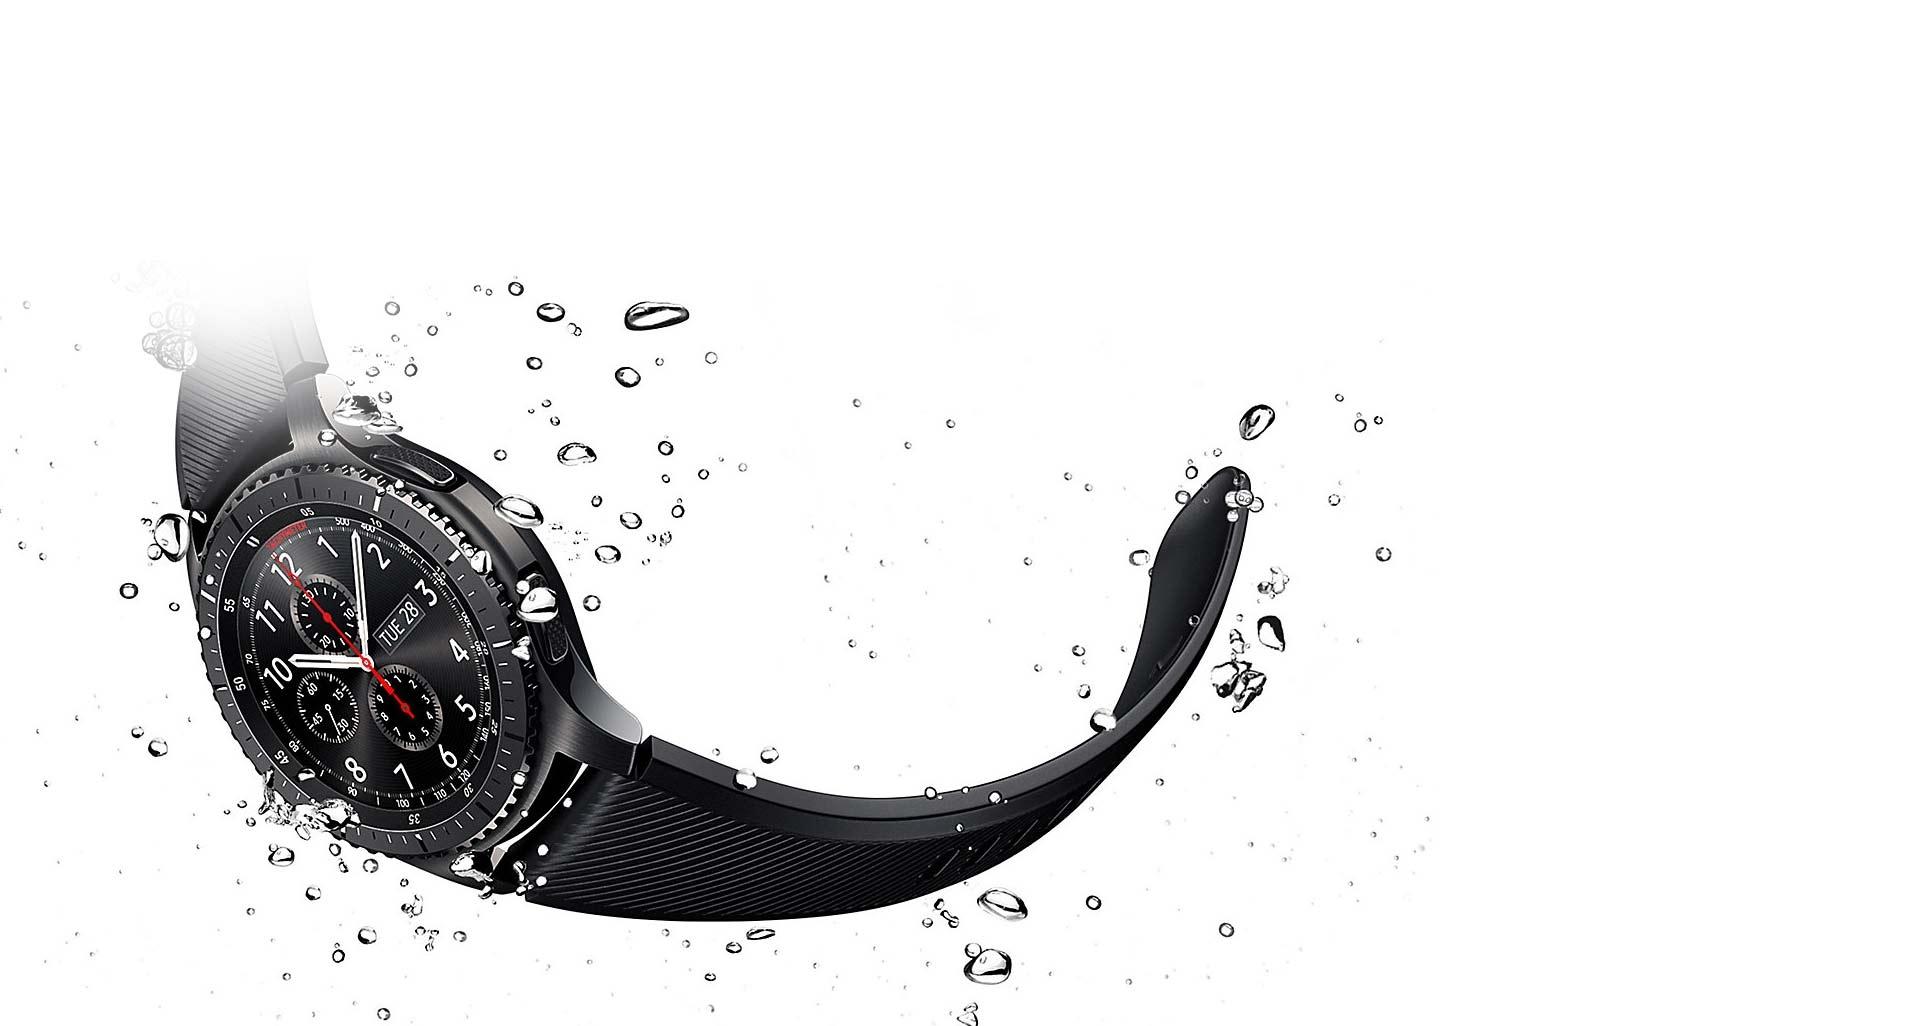 مقاومت بی نظیر بند سیلیکونی ساعت هوشمند Gear S3 سامسونگ